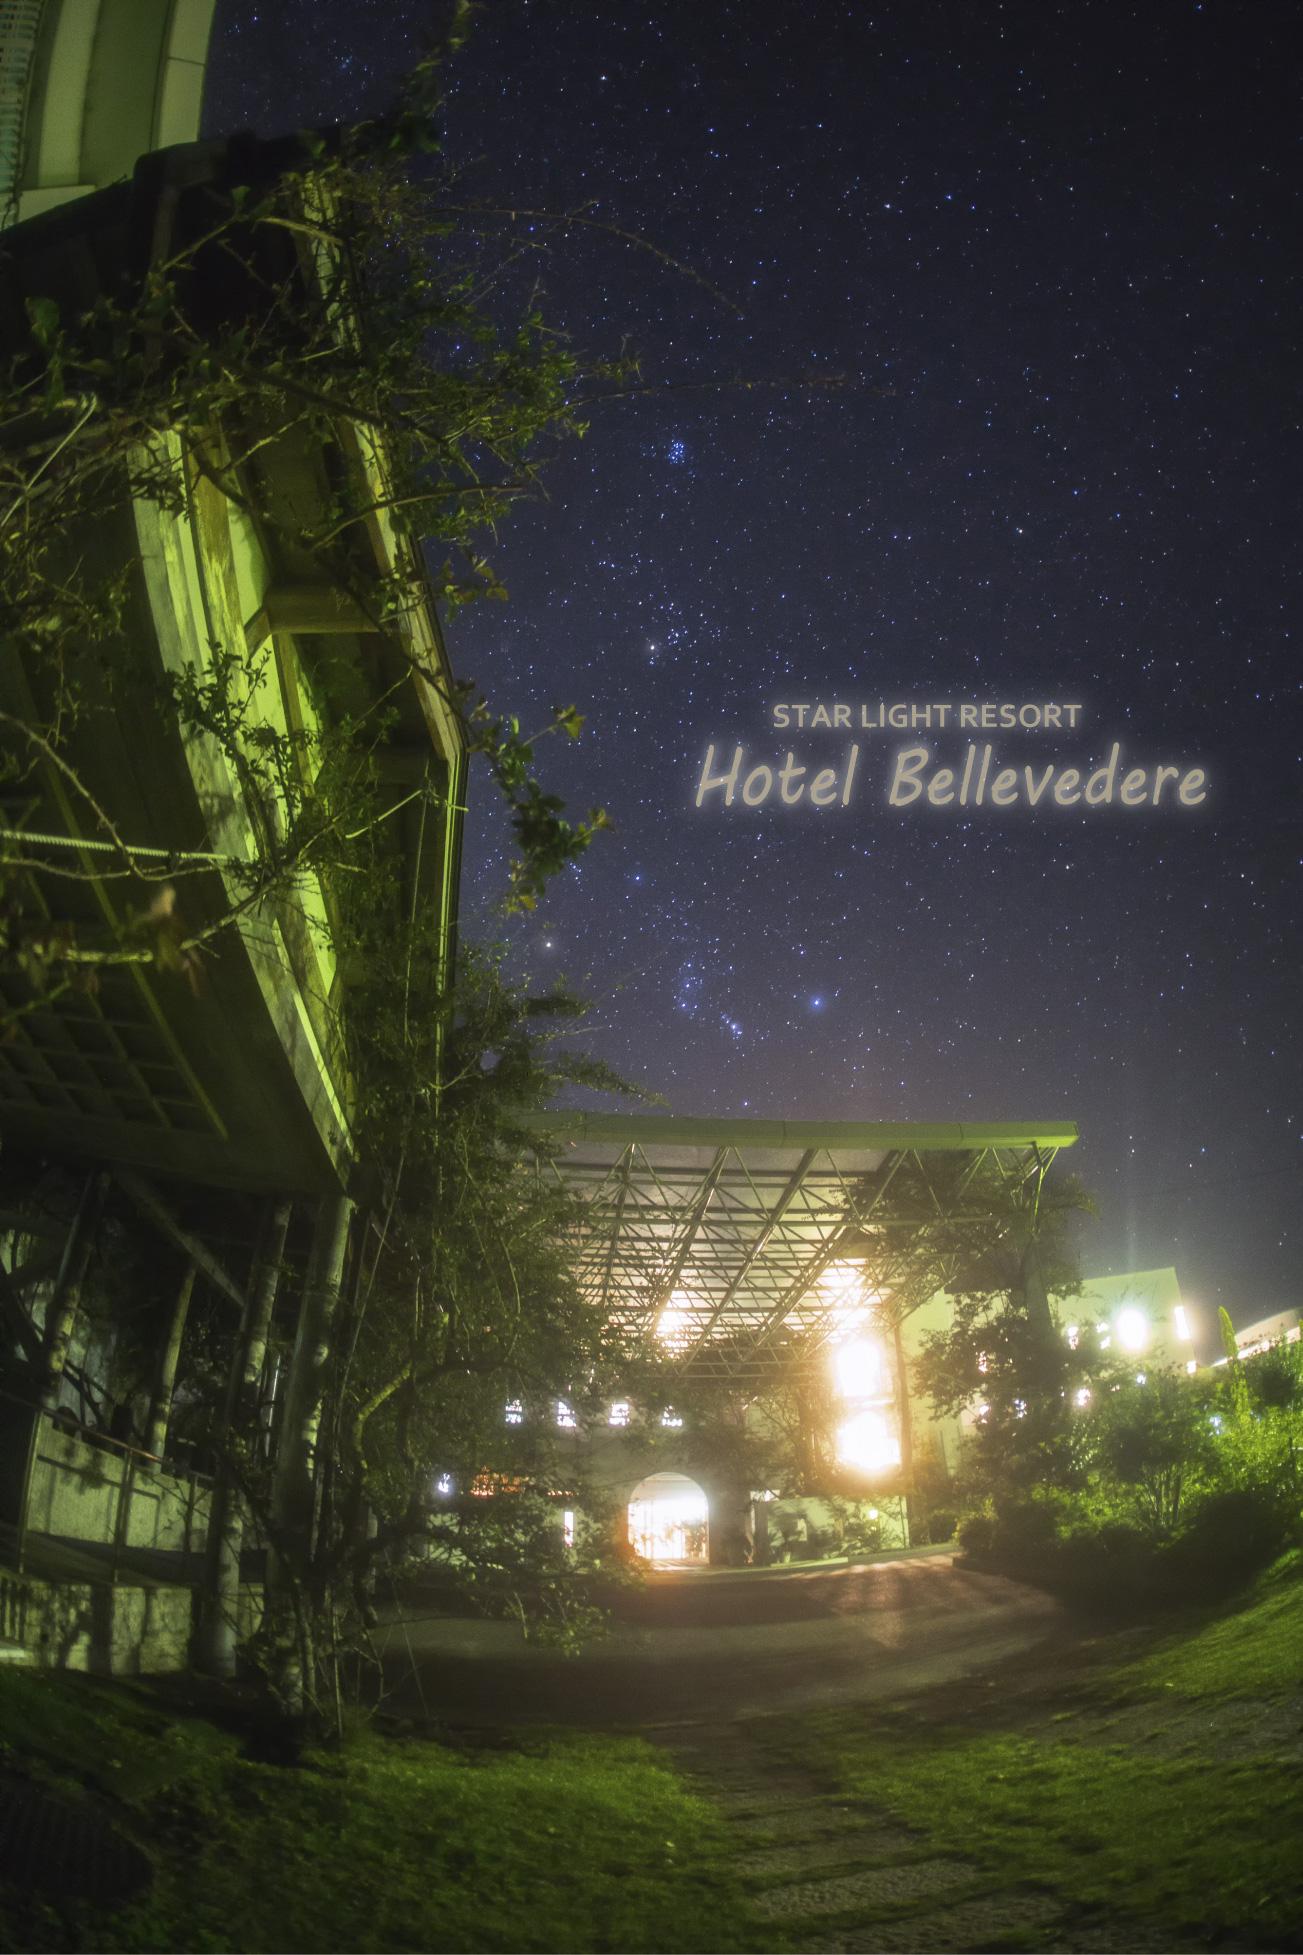 【星景】秋の夜空 in 南紀すさみ ホテル ベルヴェデーレ